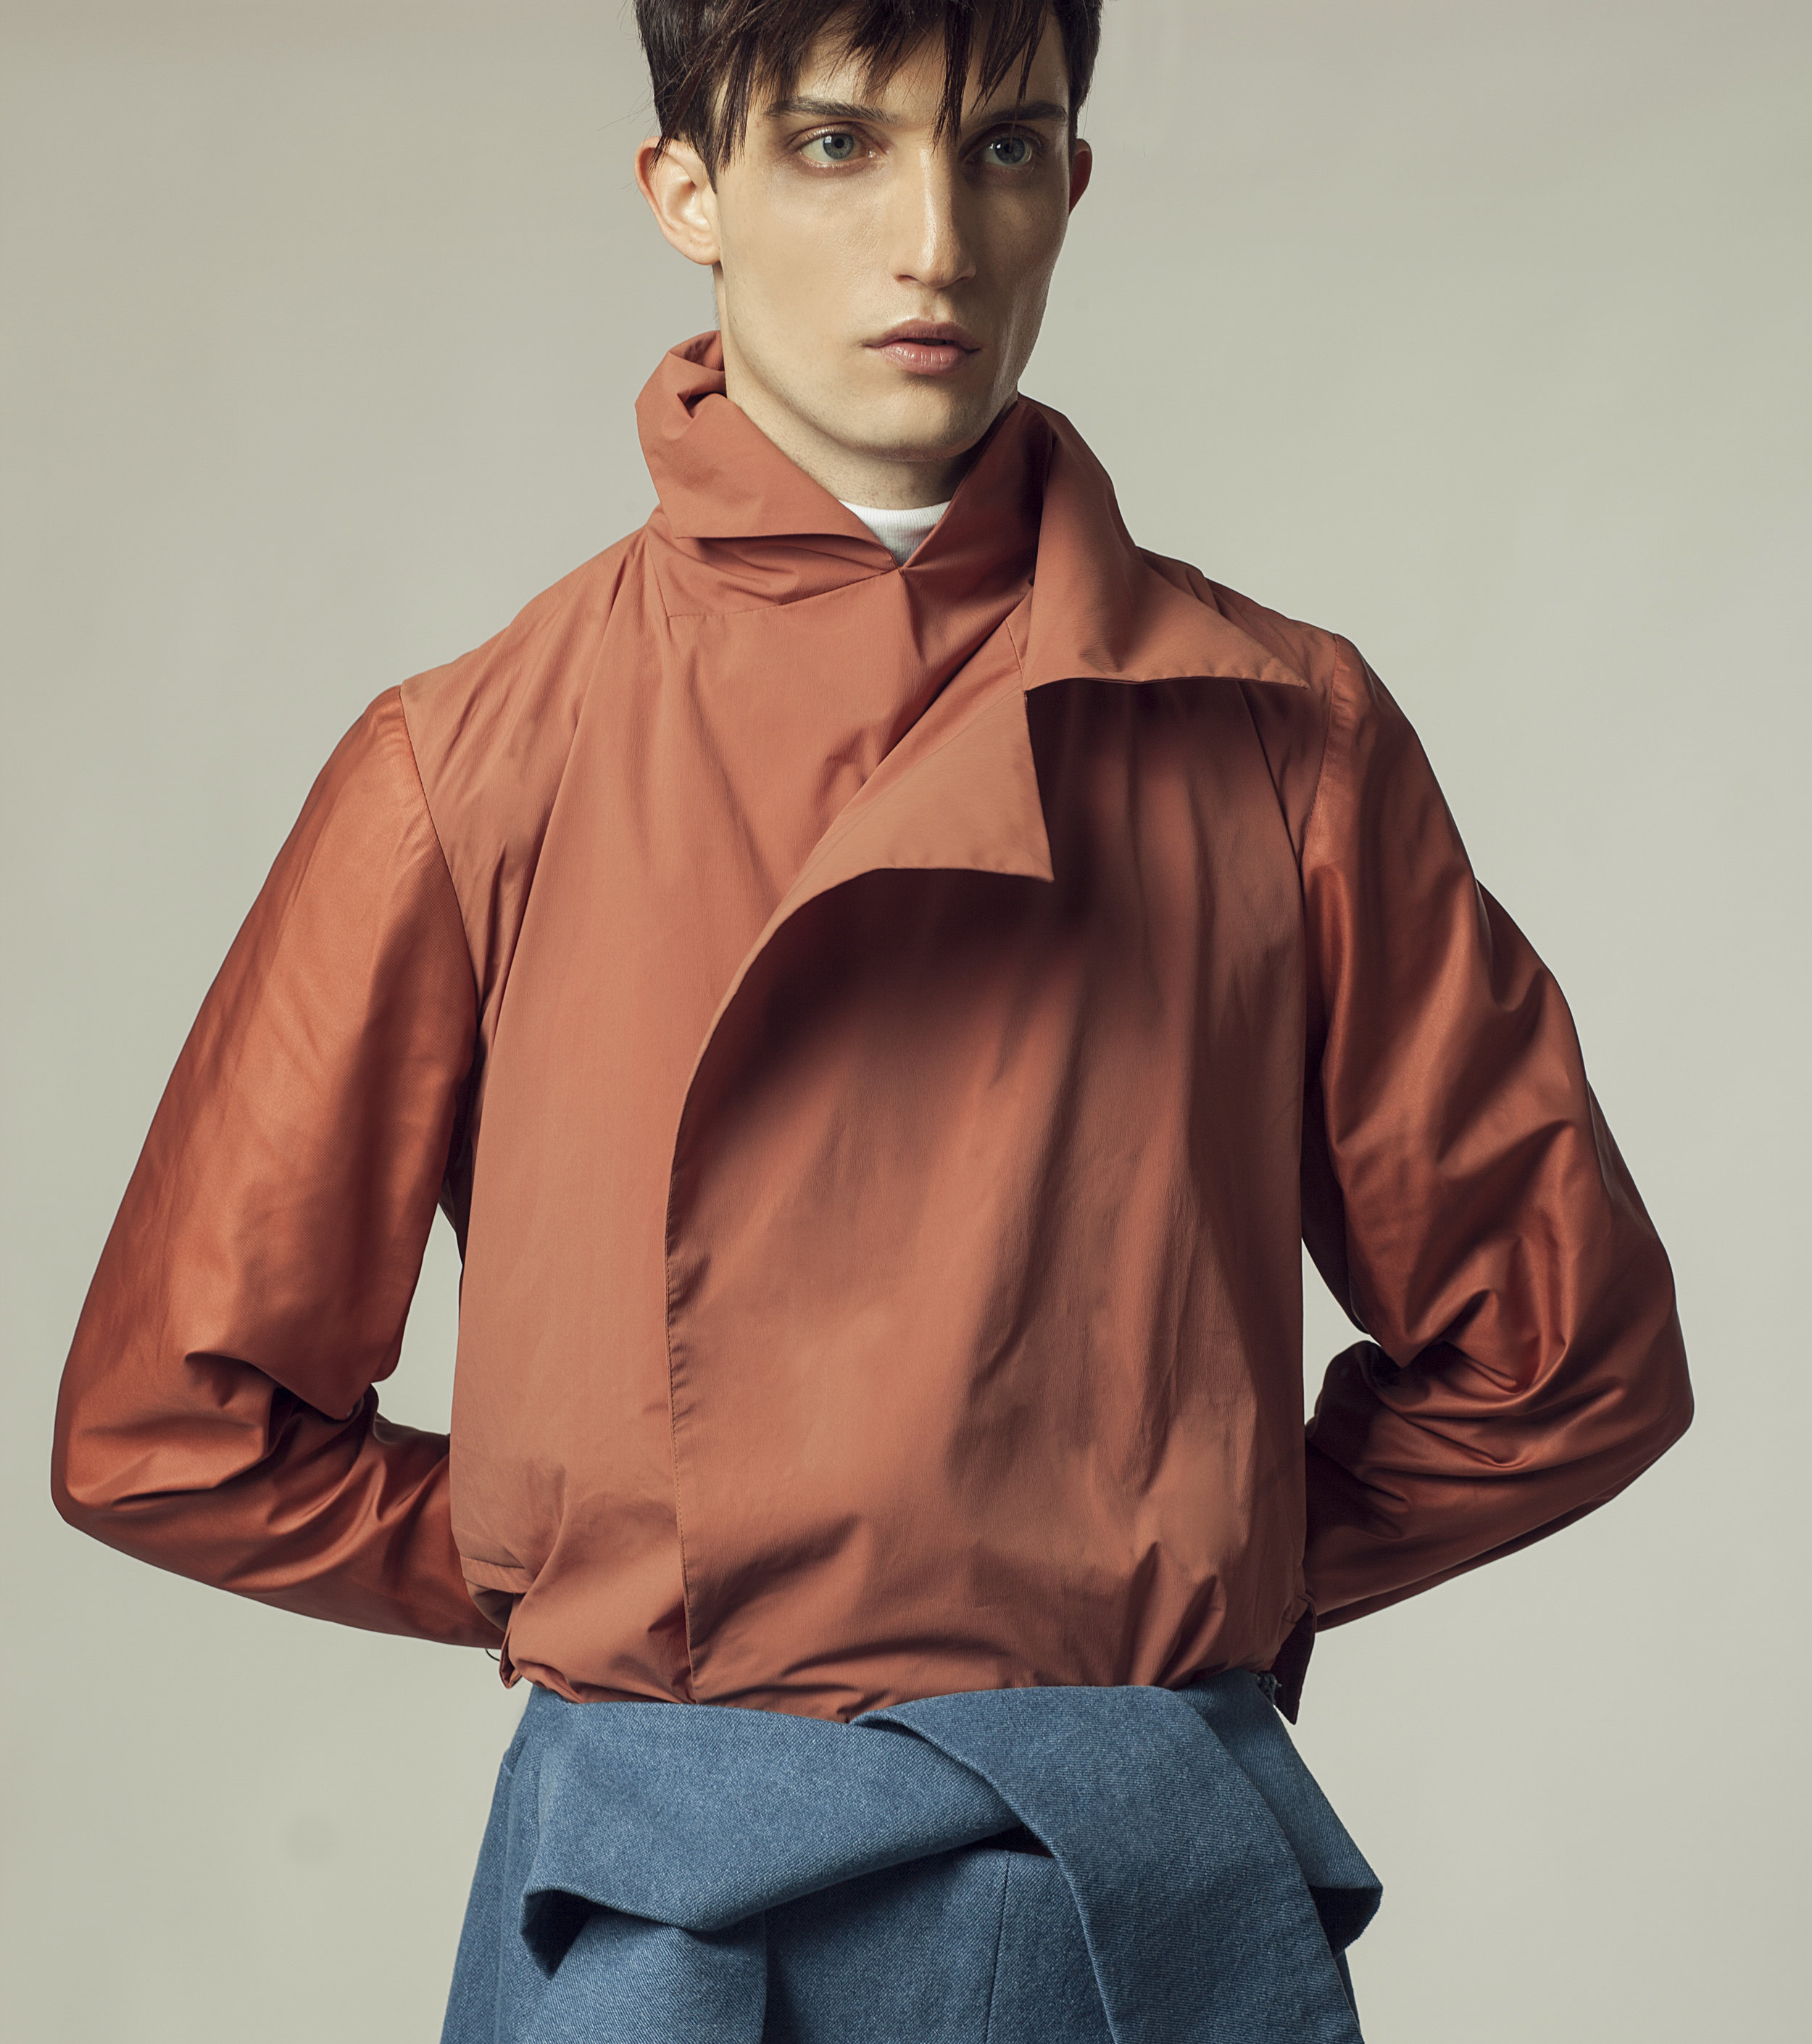 Max Von Isser    Fusion Models NYC